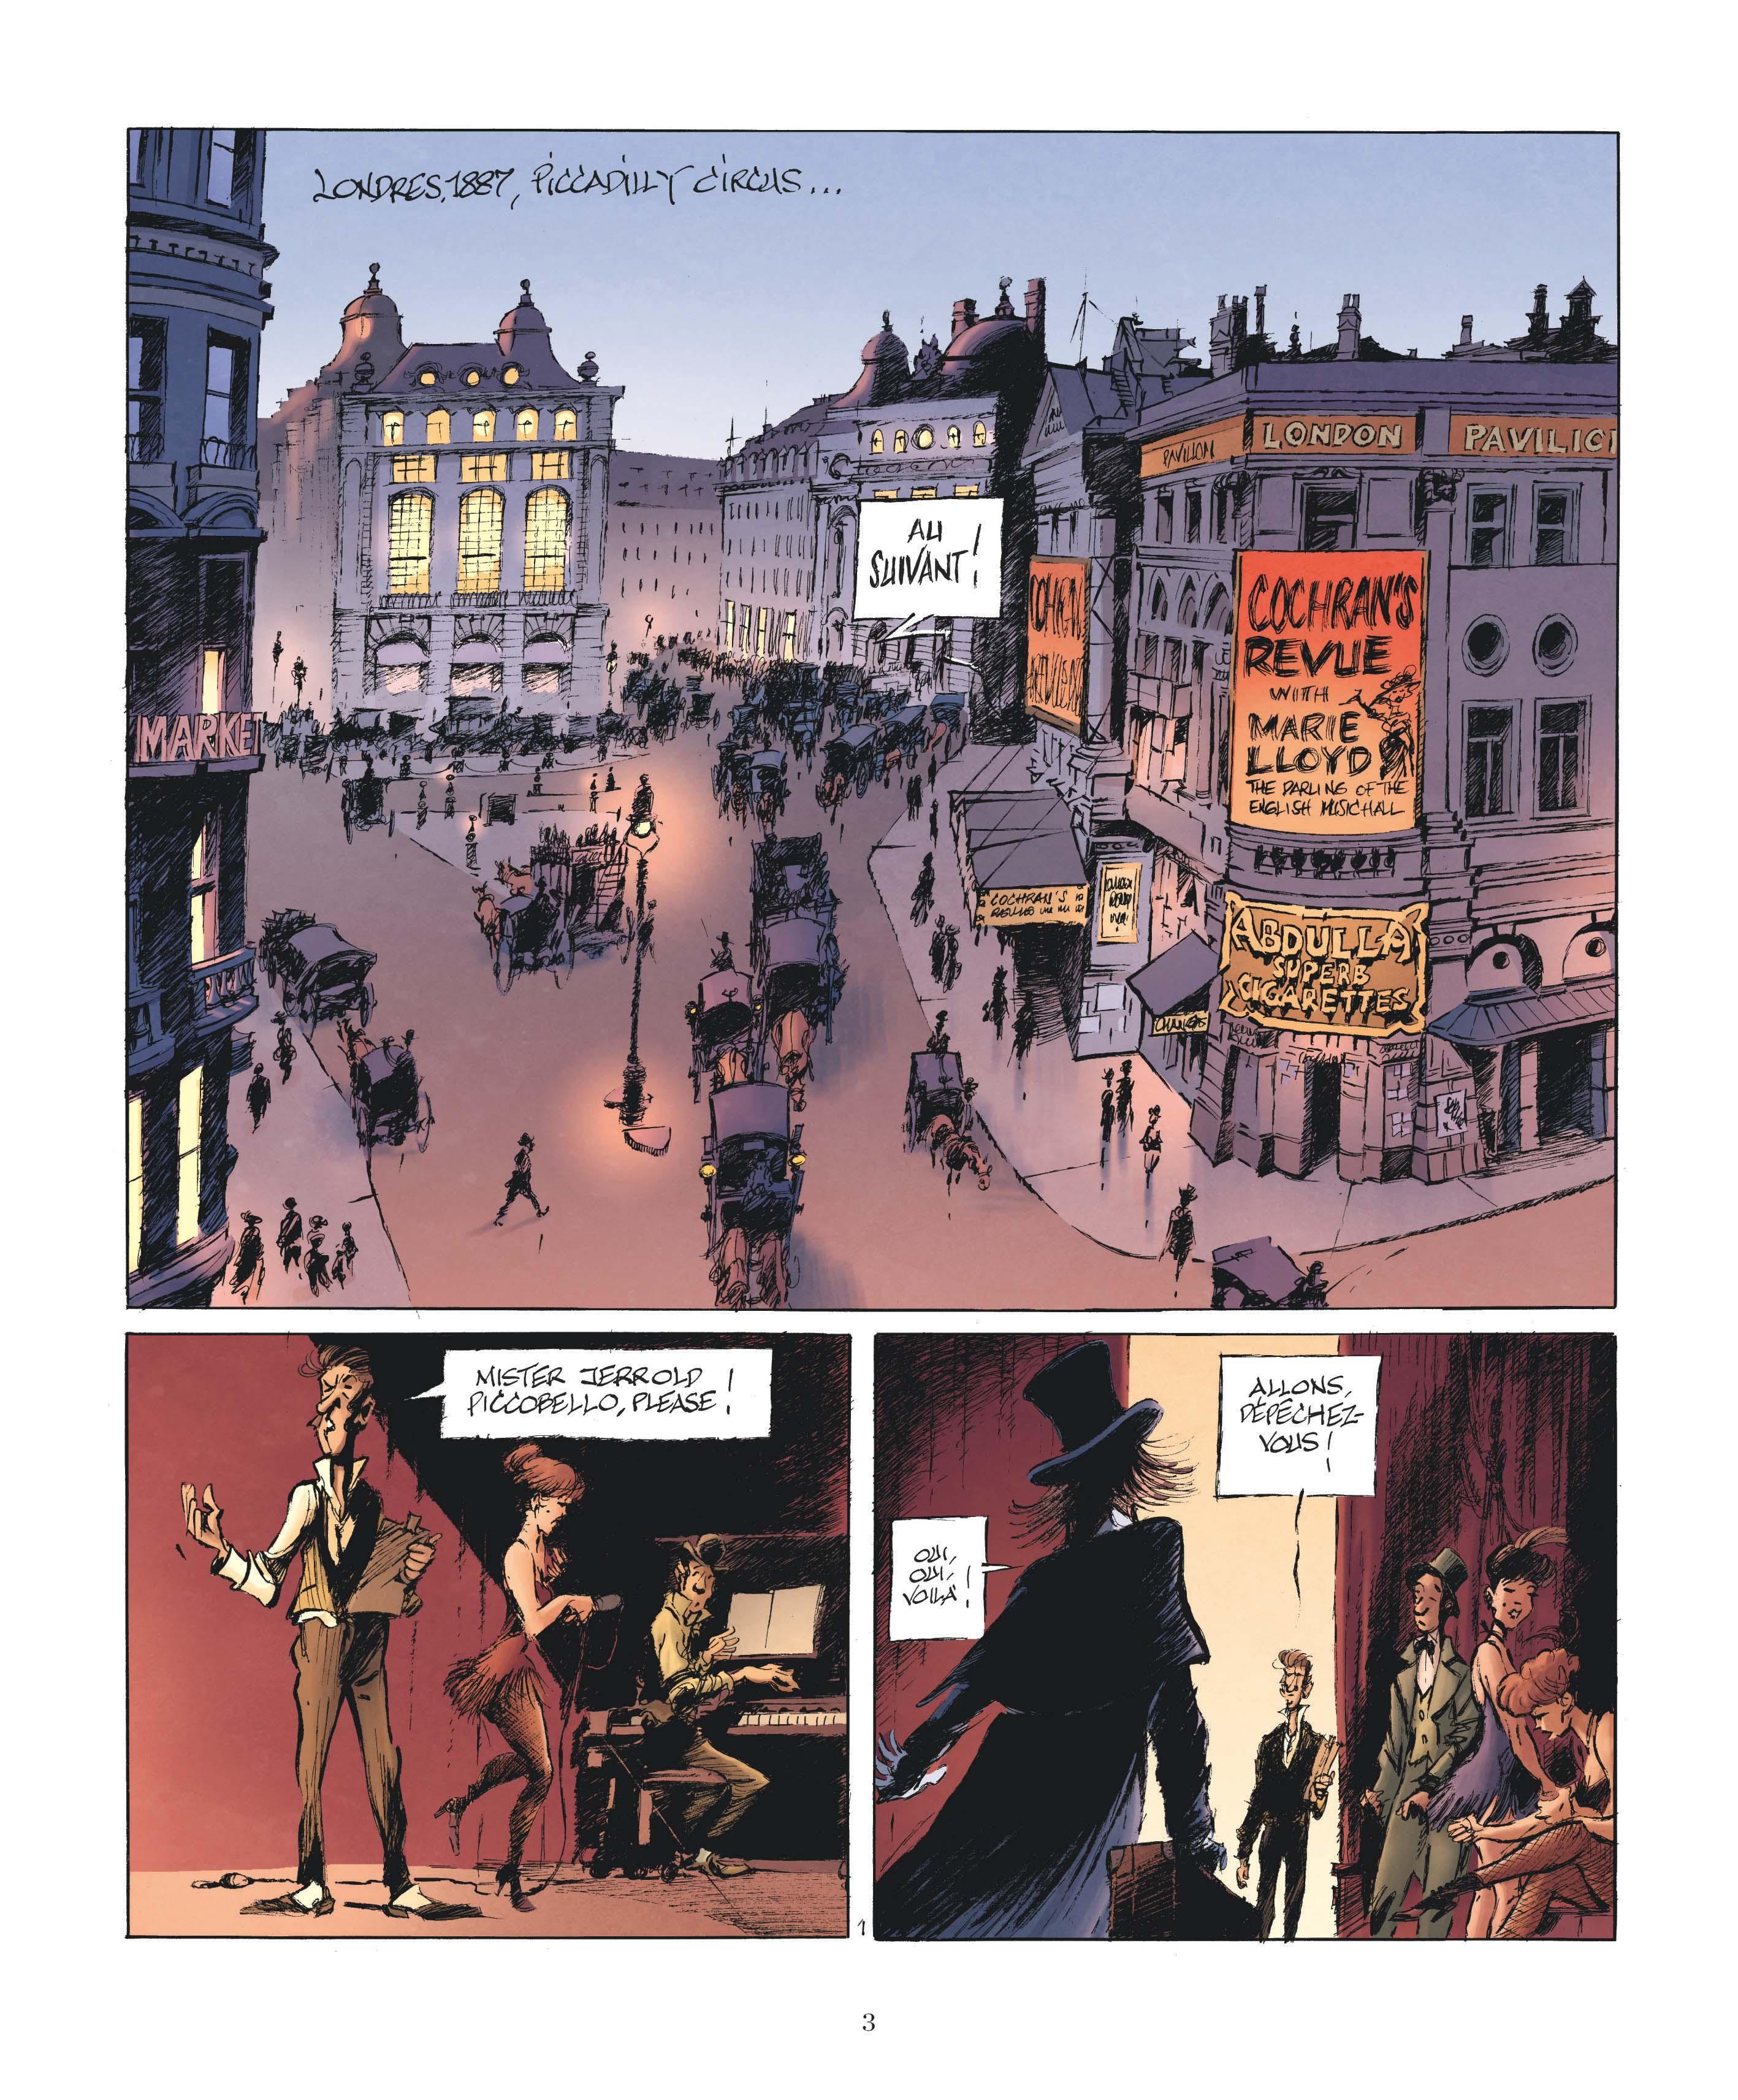 Le Magicien de Whitechapel page 1